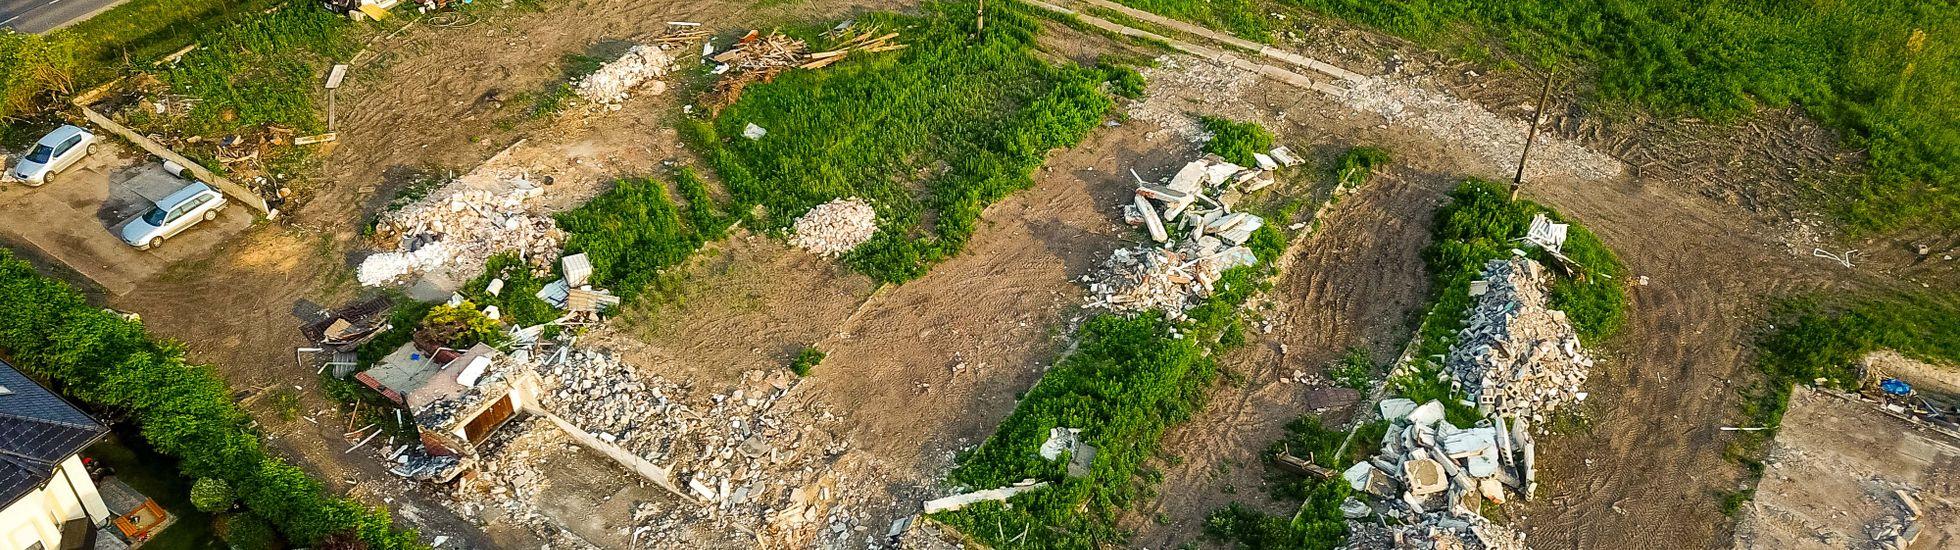 Wrocław: Nowa inwestycja na Ołtaszynie. M3 Invest wybuduje prawie 50 domów